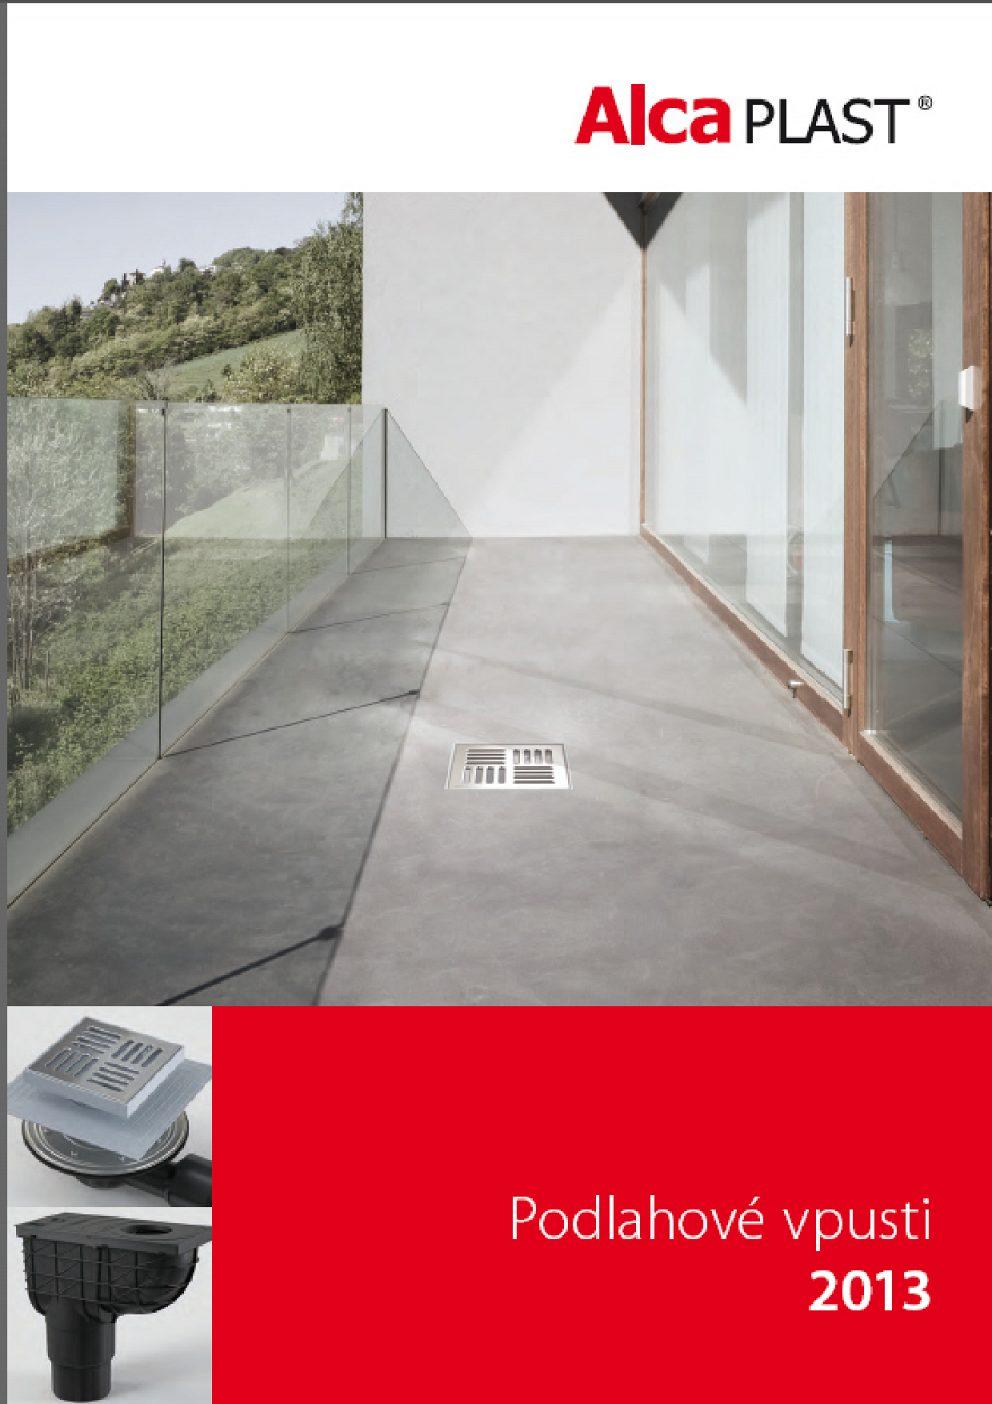 AlcaPlast - Podlahové vpuste